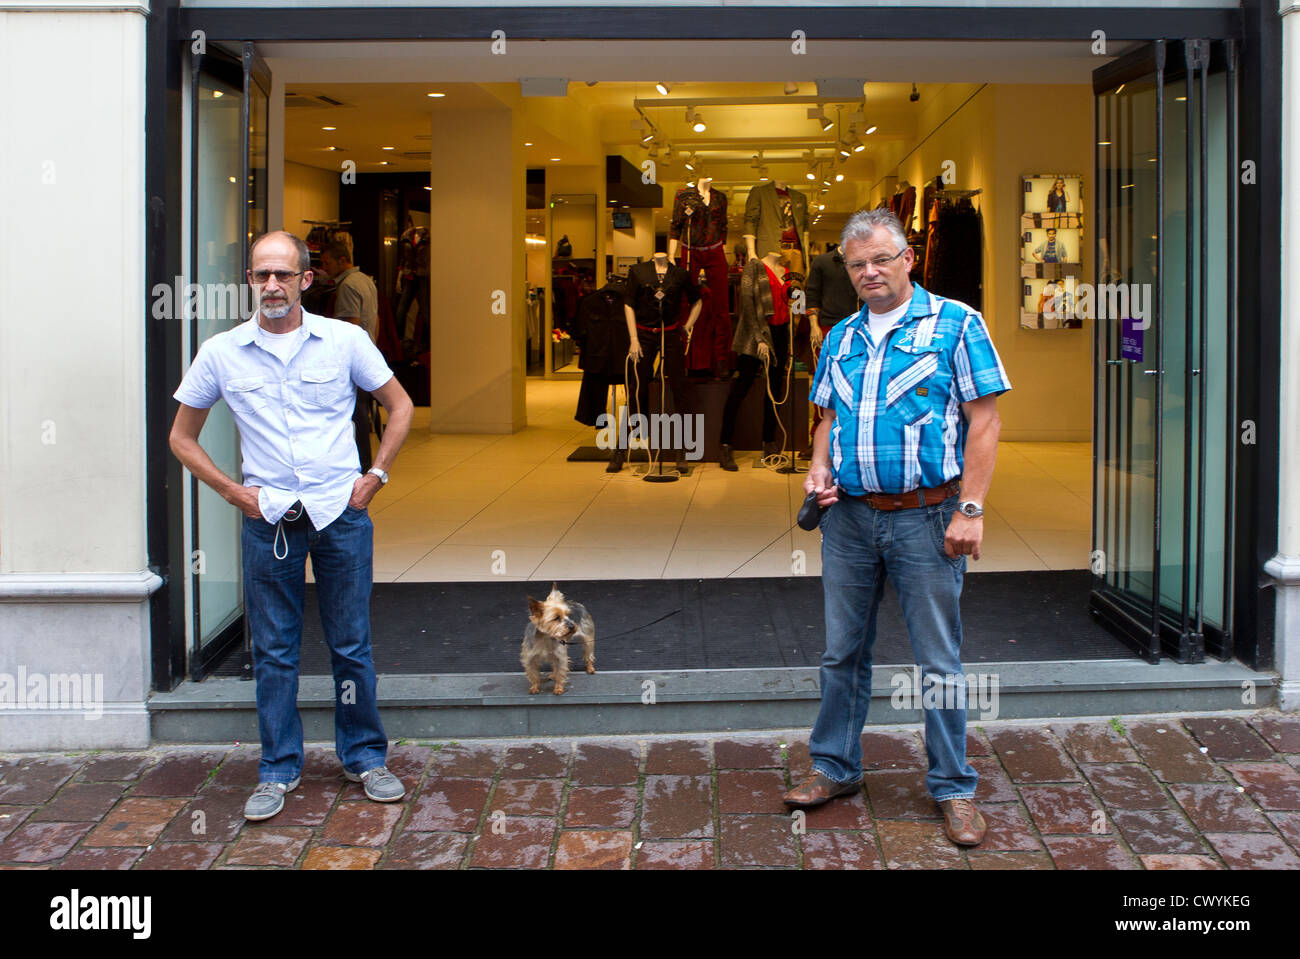 2 two men dog standing doorway shop - Stock Image